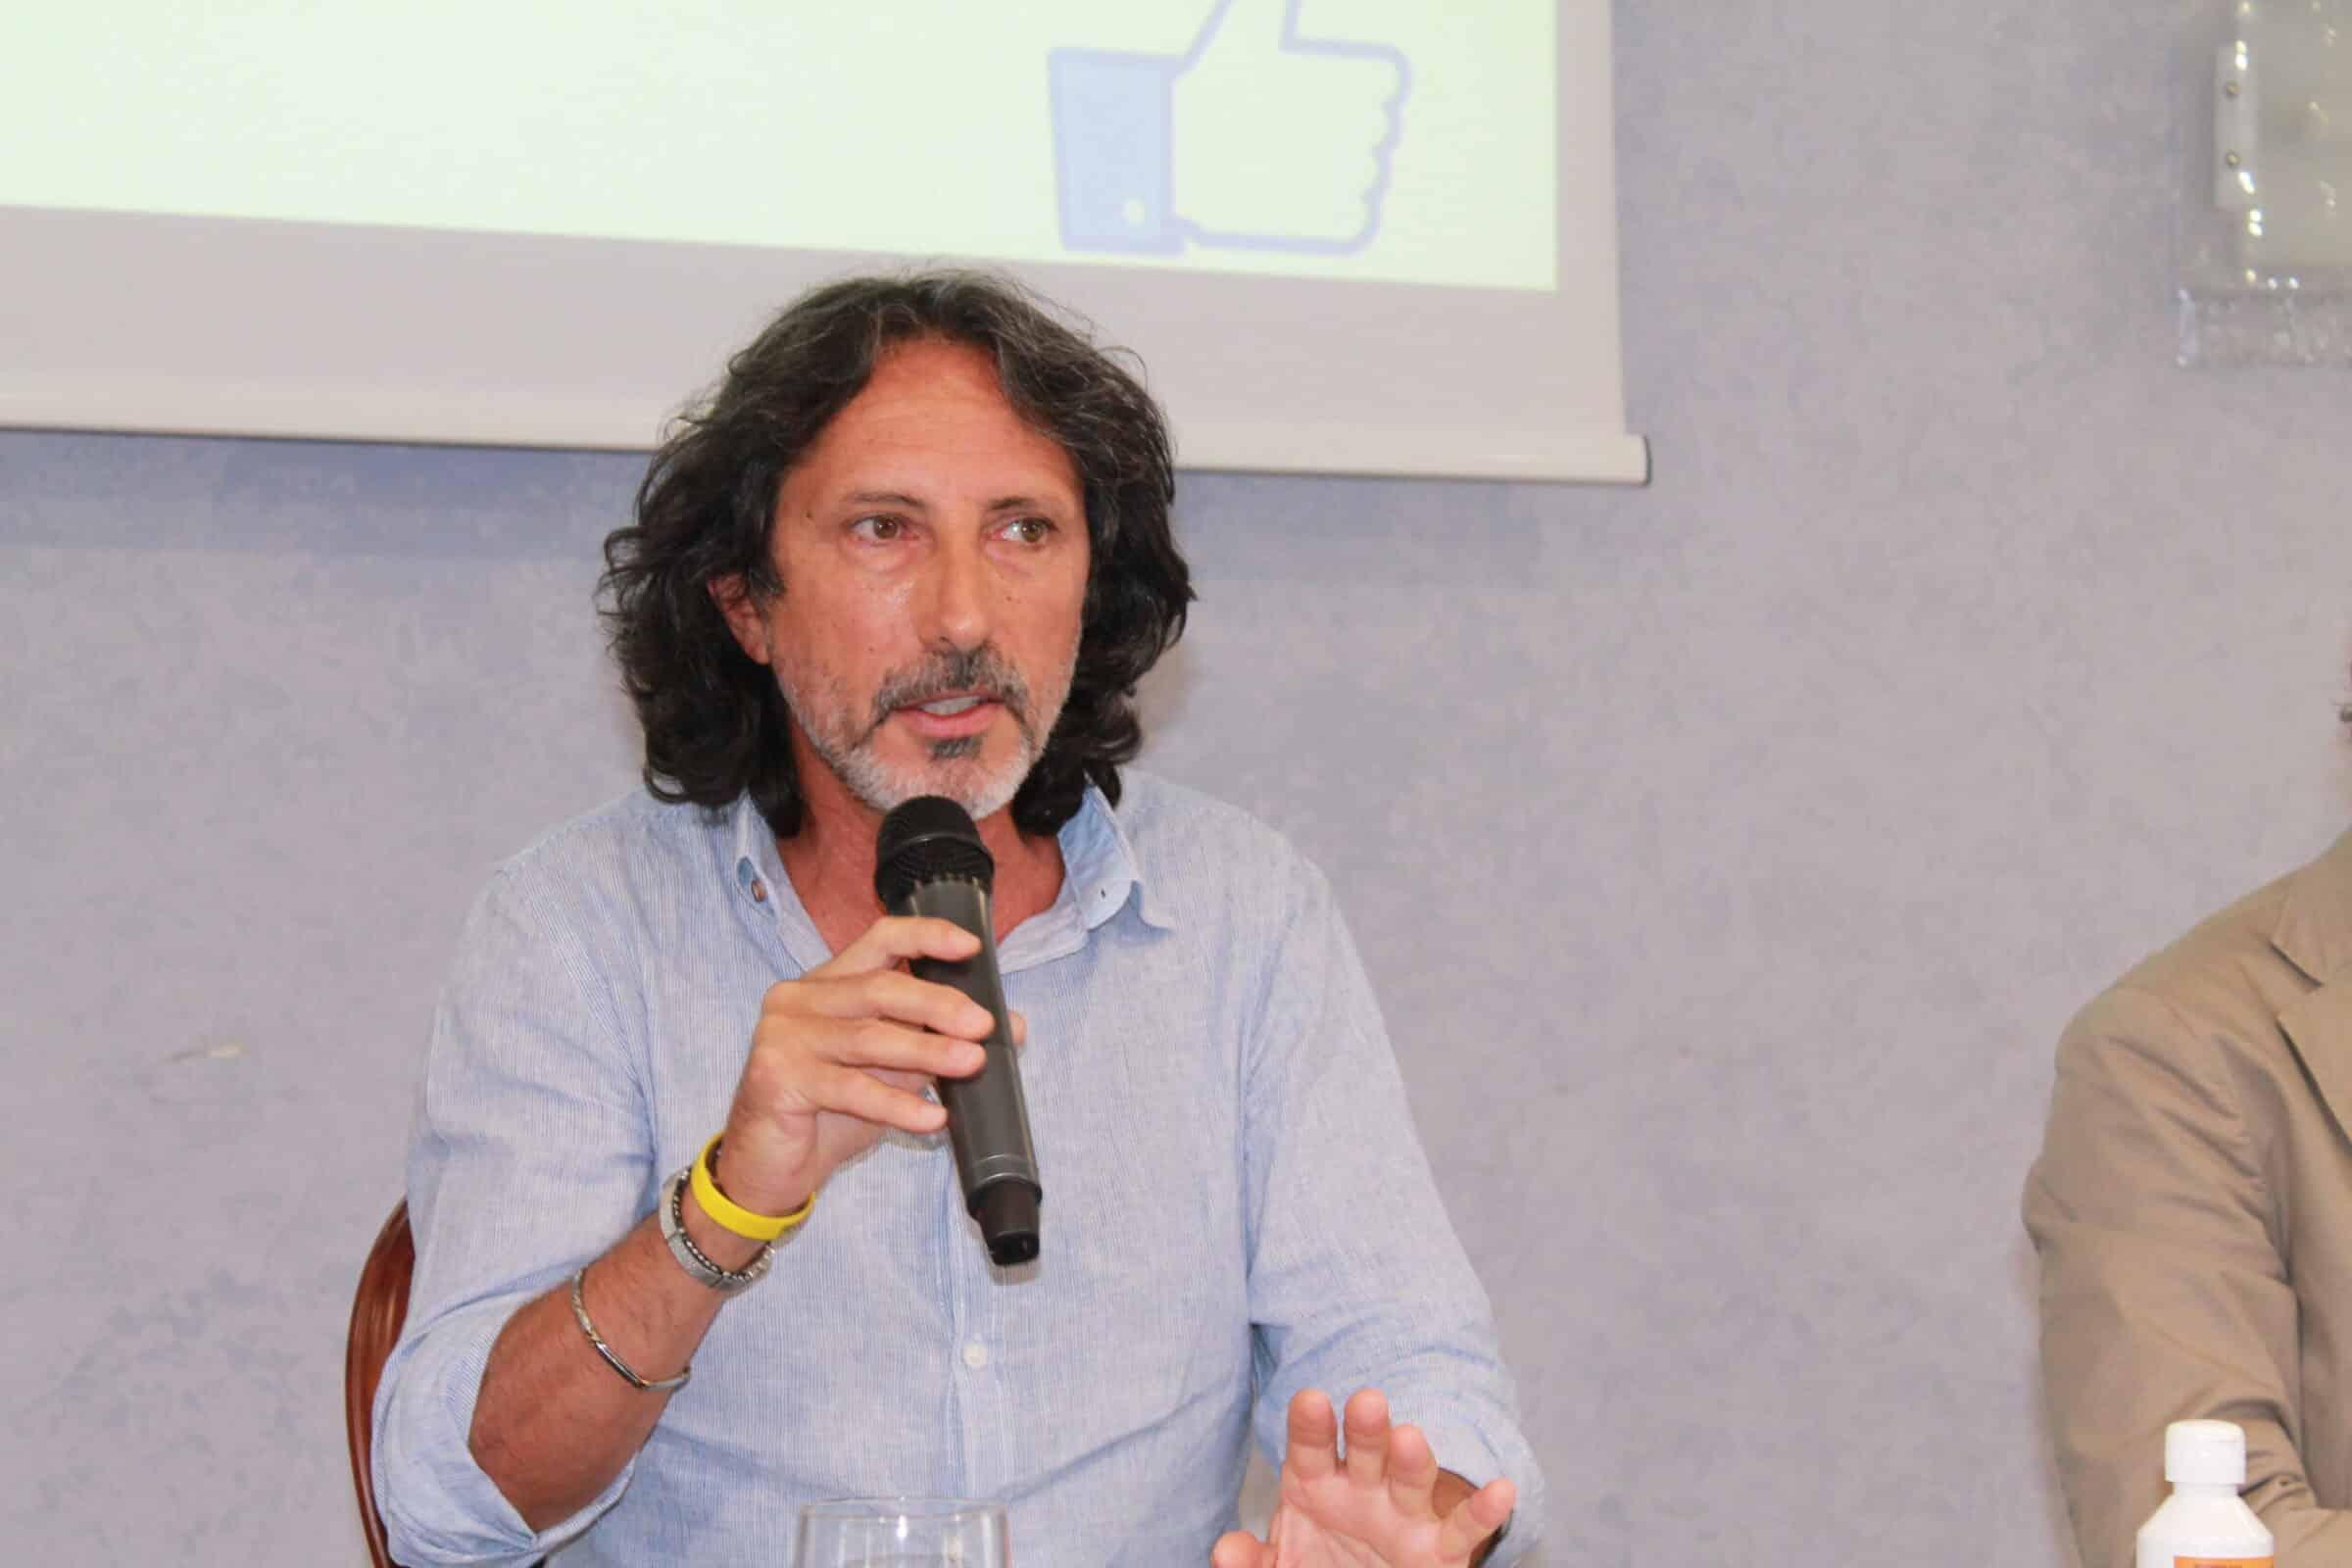 """Scuola in Sicilia, quasi 5mila in pensione. Flc Cgil: """"Un'occasione per assunzione e stabilizzazione di precari"""""""